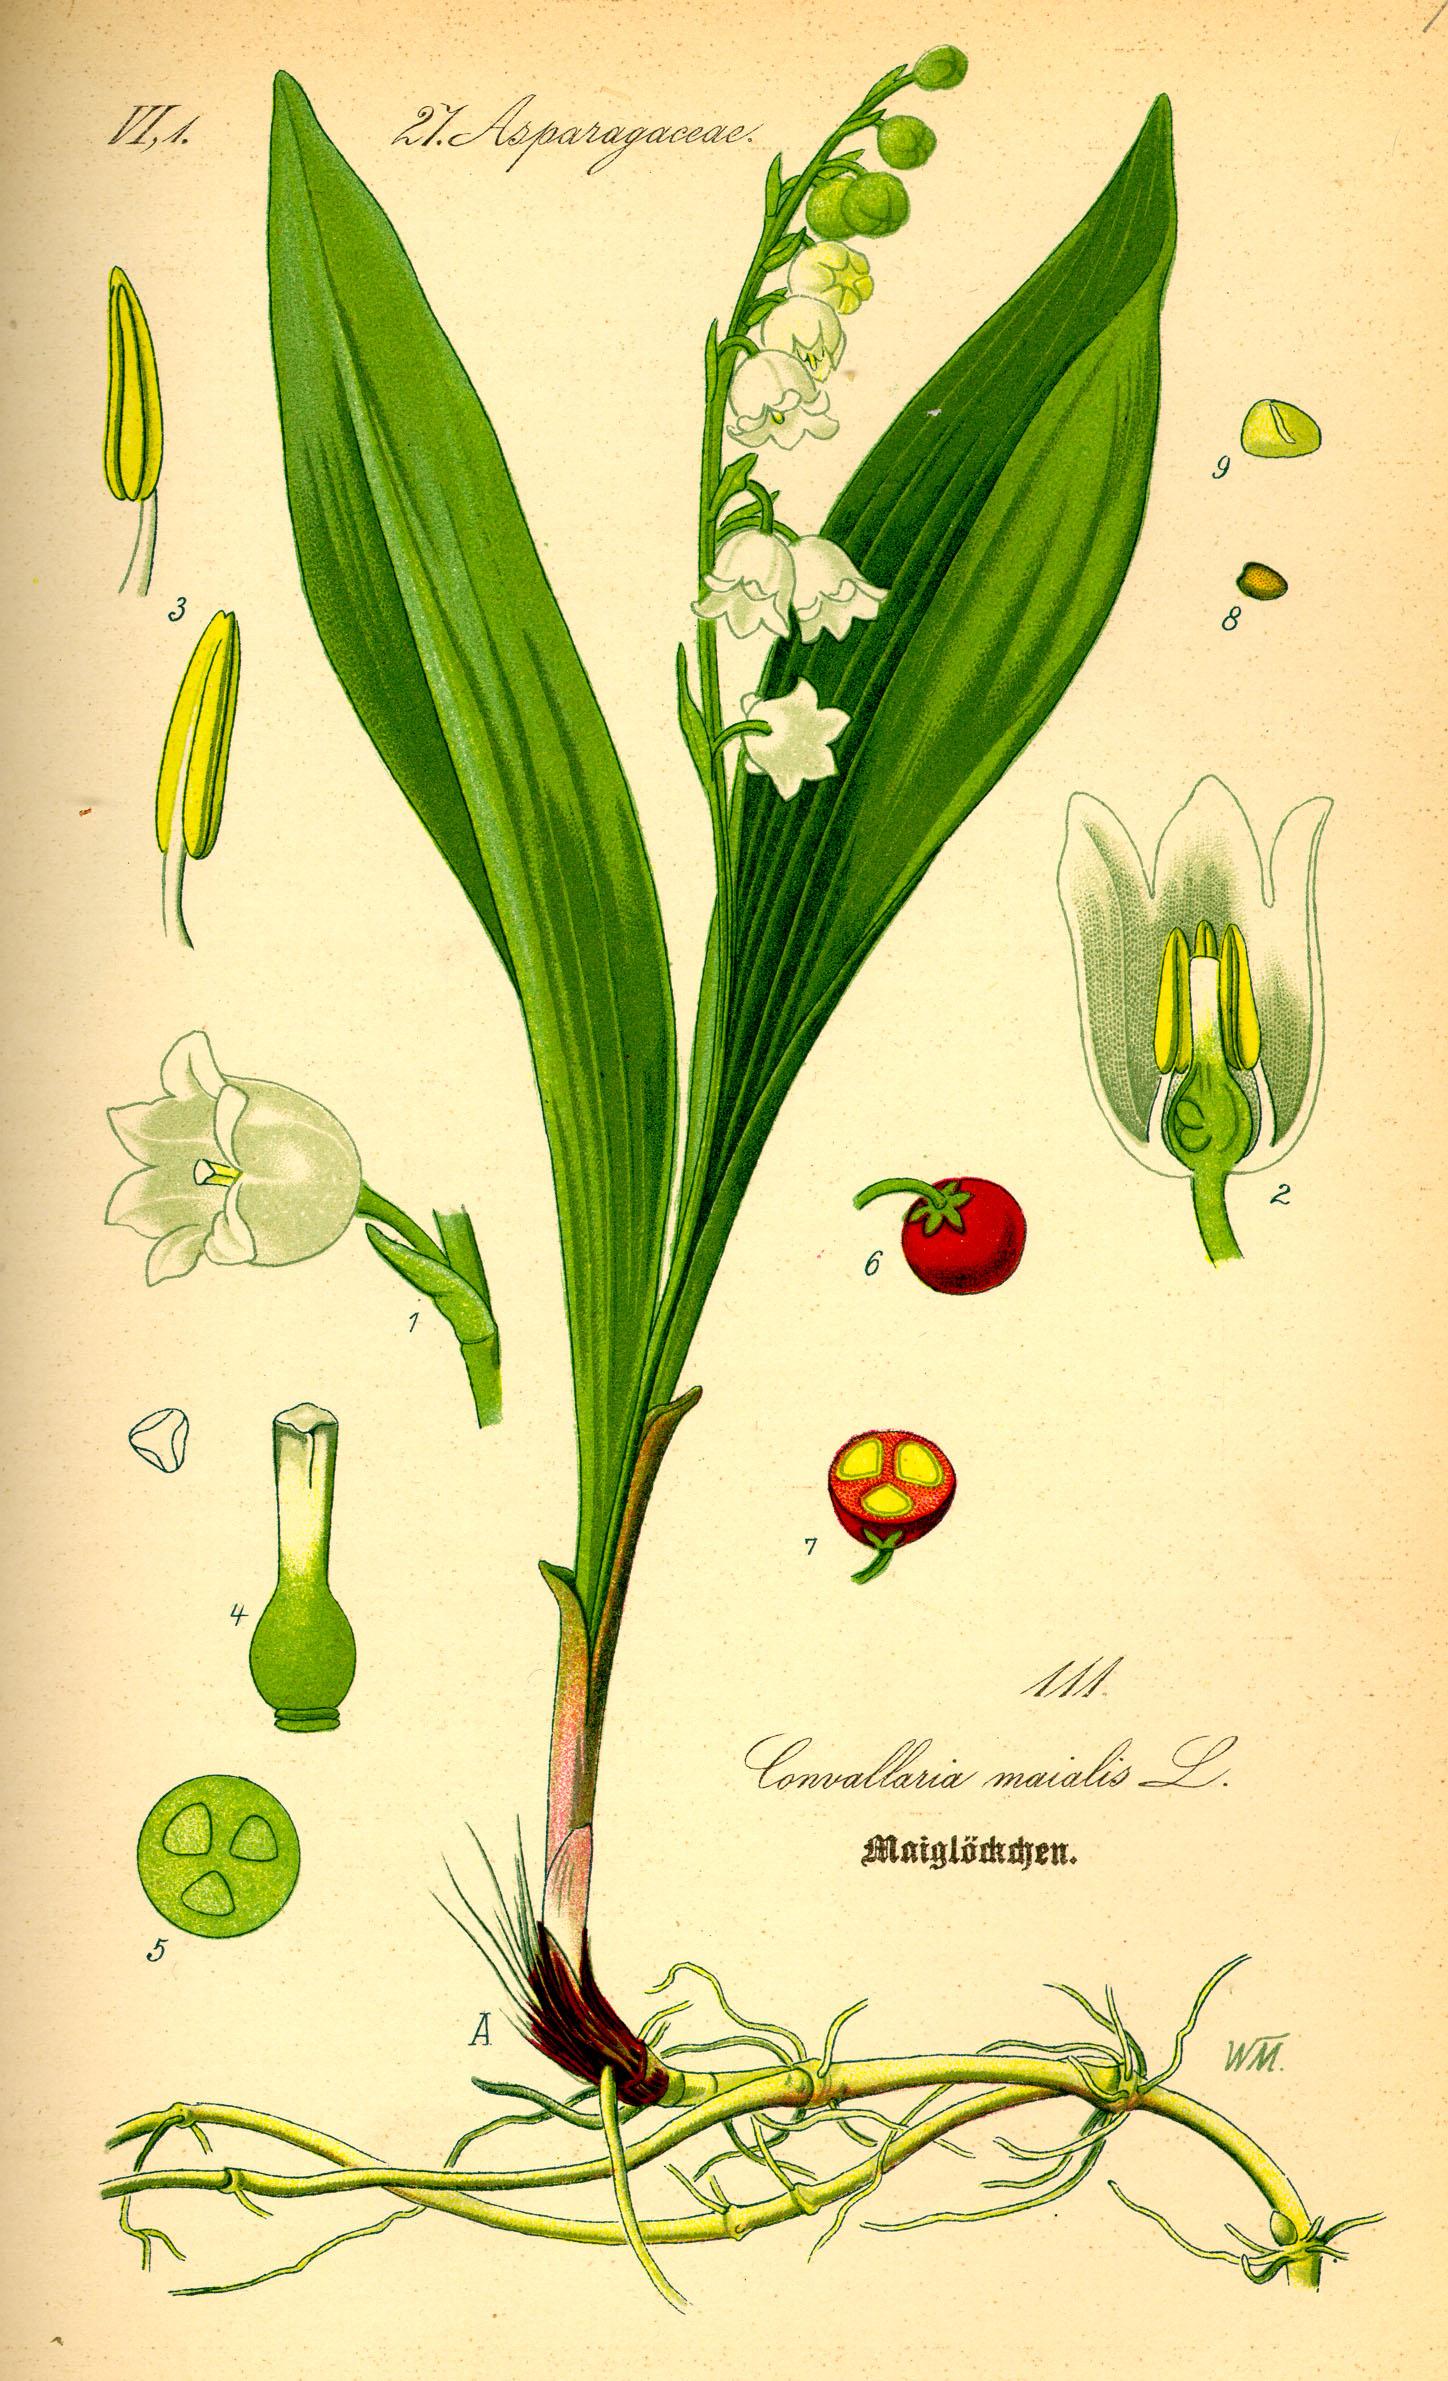 ландыш, Ландыш майский. Ботаническая иллюстрация из книги О. В. Томе «Flora von Deutschland, Österreich und der Schweiz», 1885